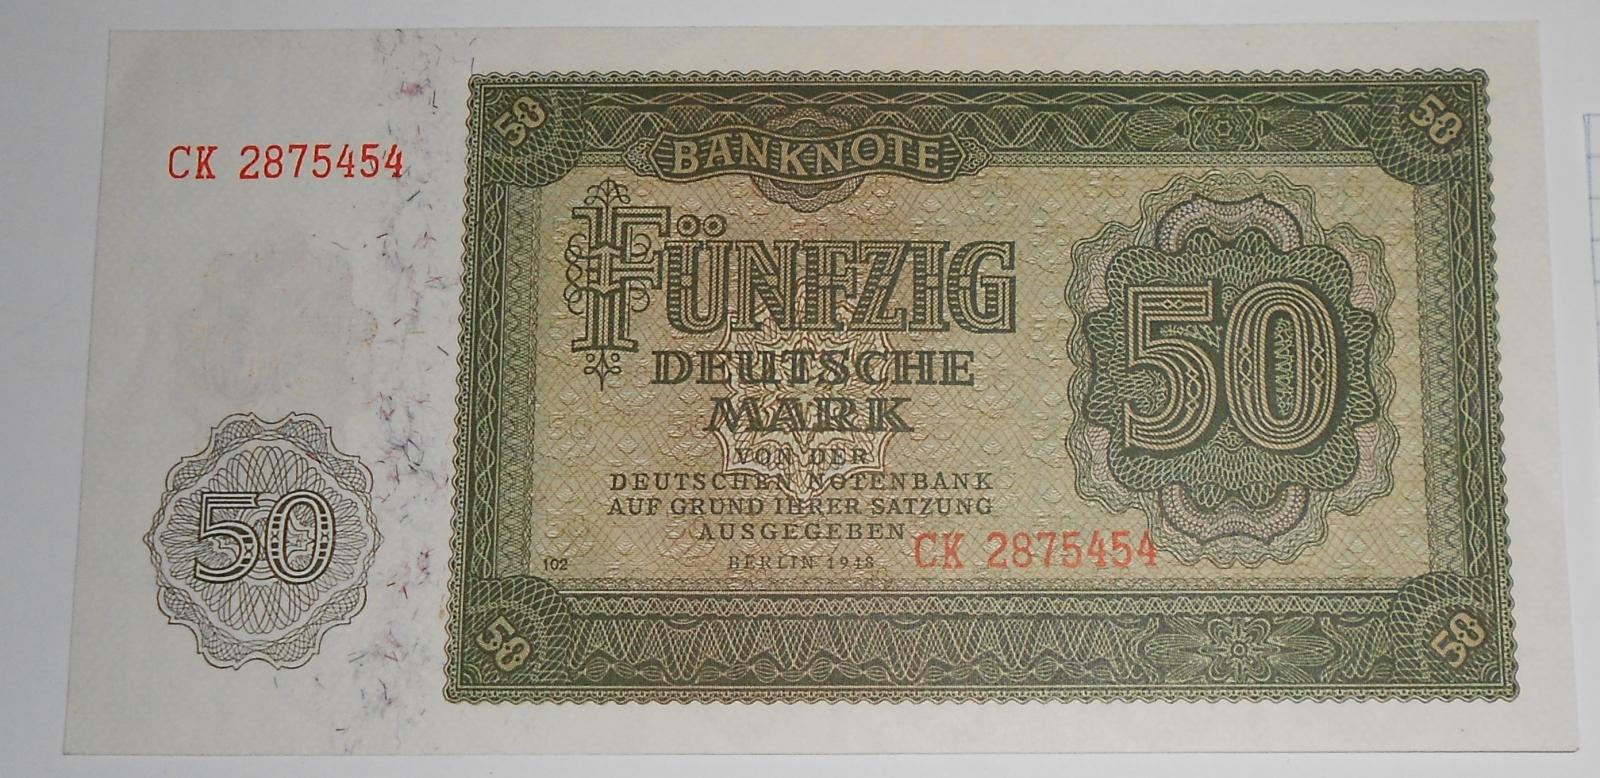 Německo 50 Marka 1948